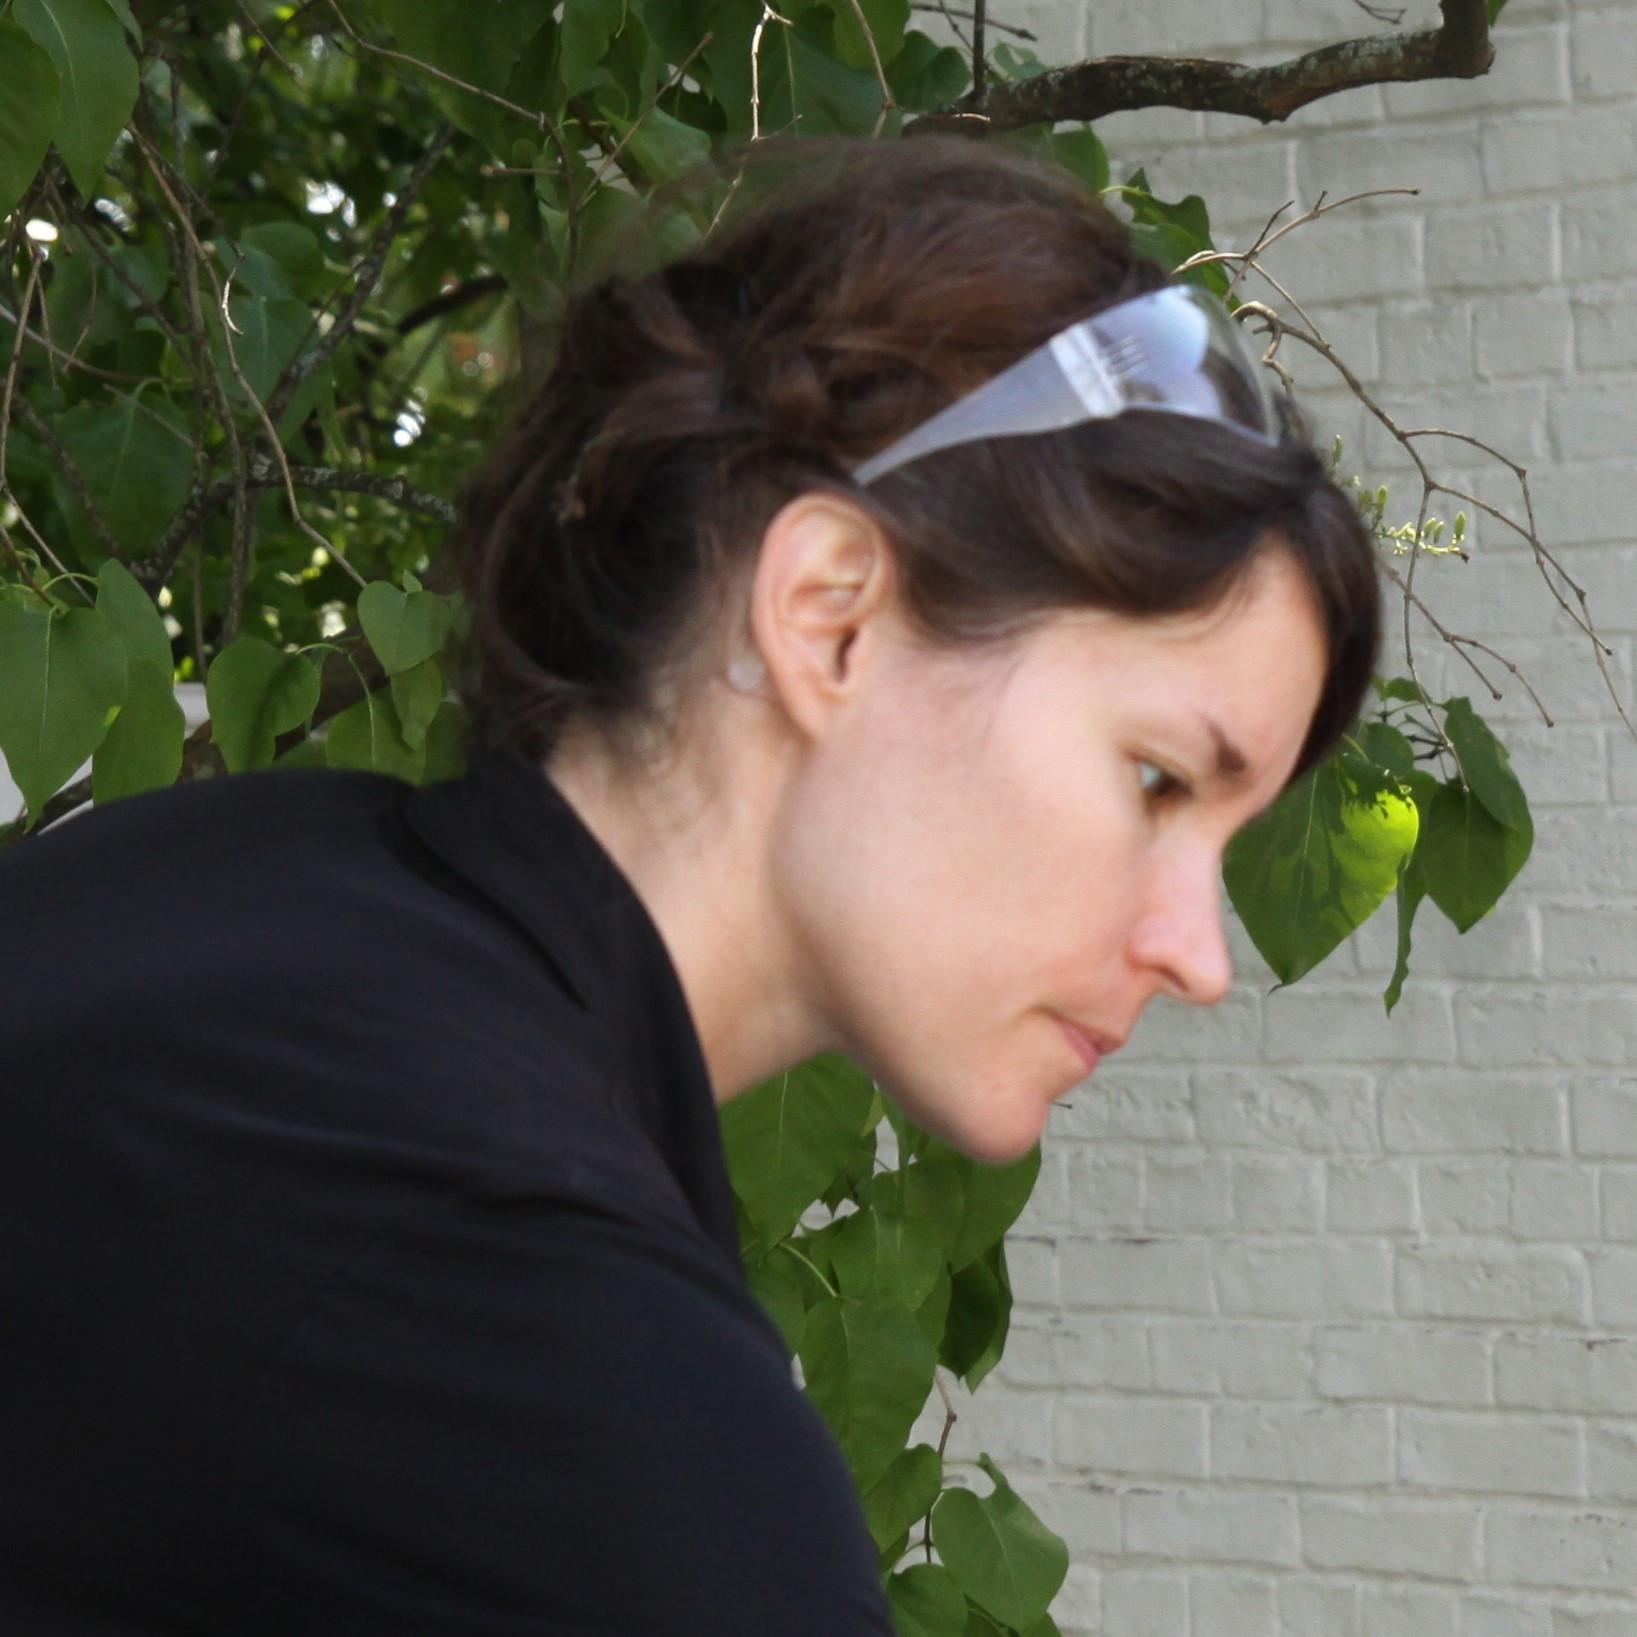 Amanda J. Sisk